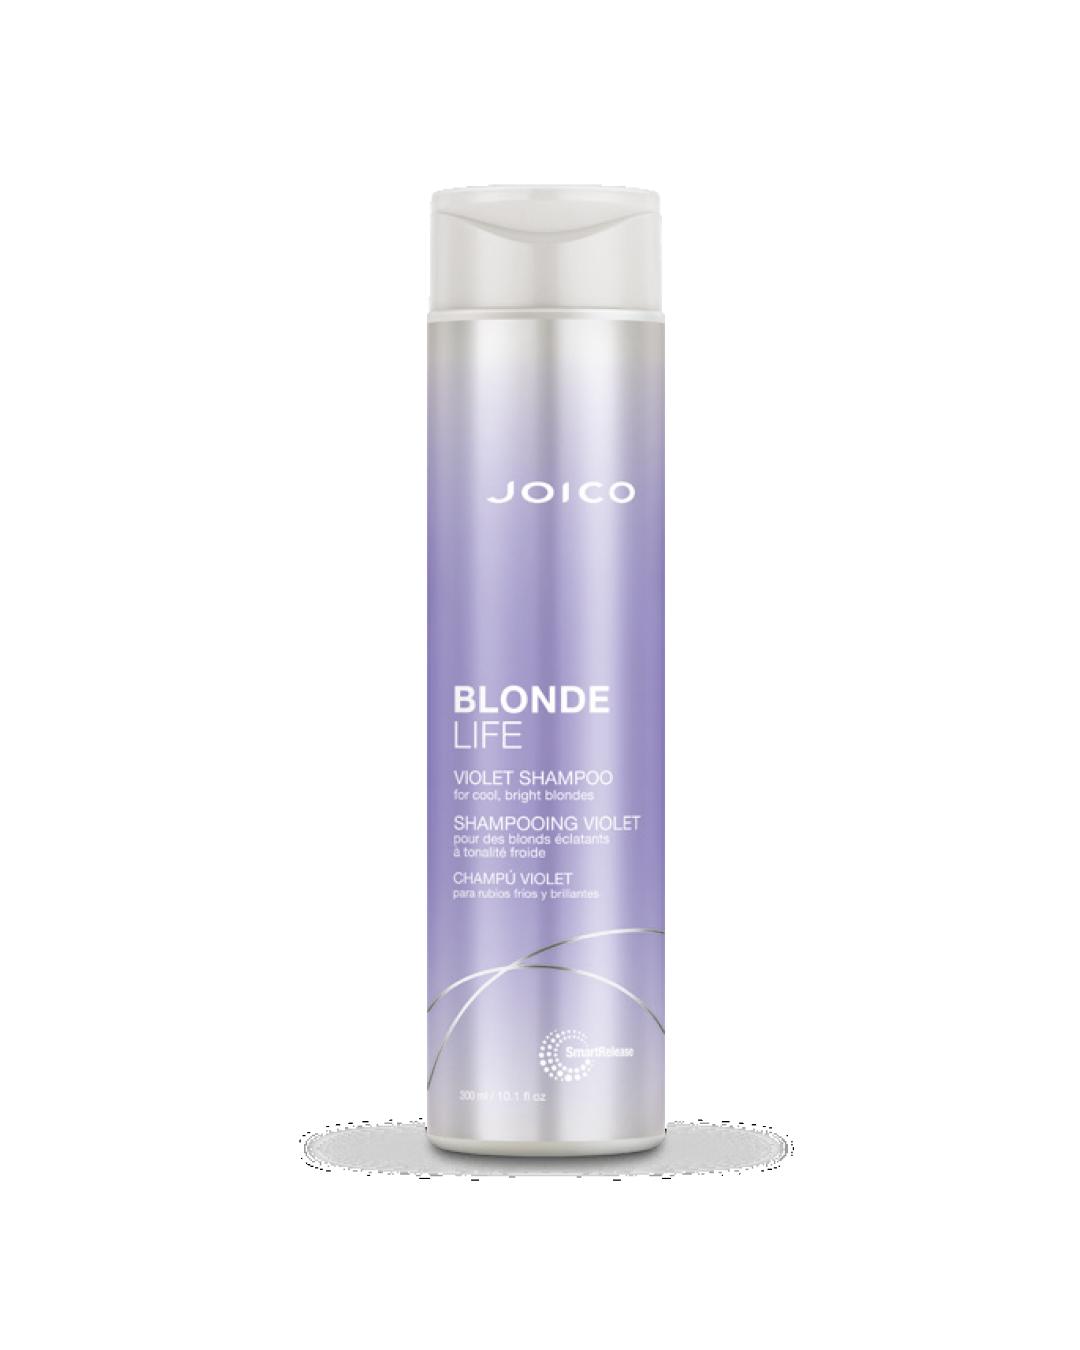 Blonde Life Violet Shampoo produktbilde